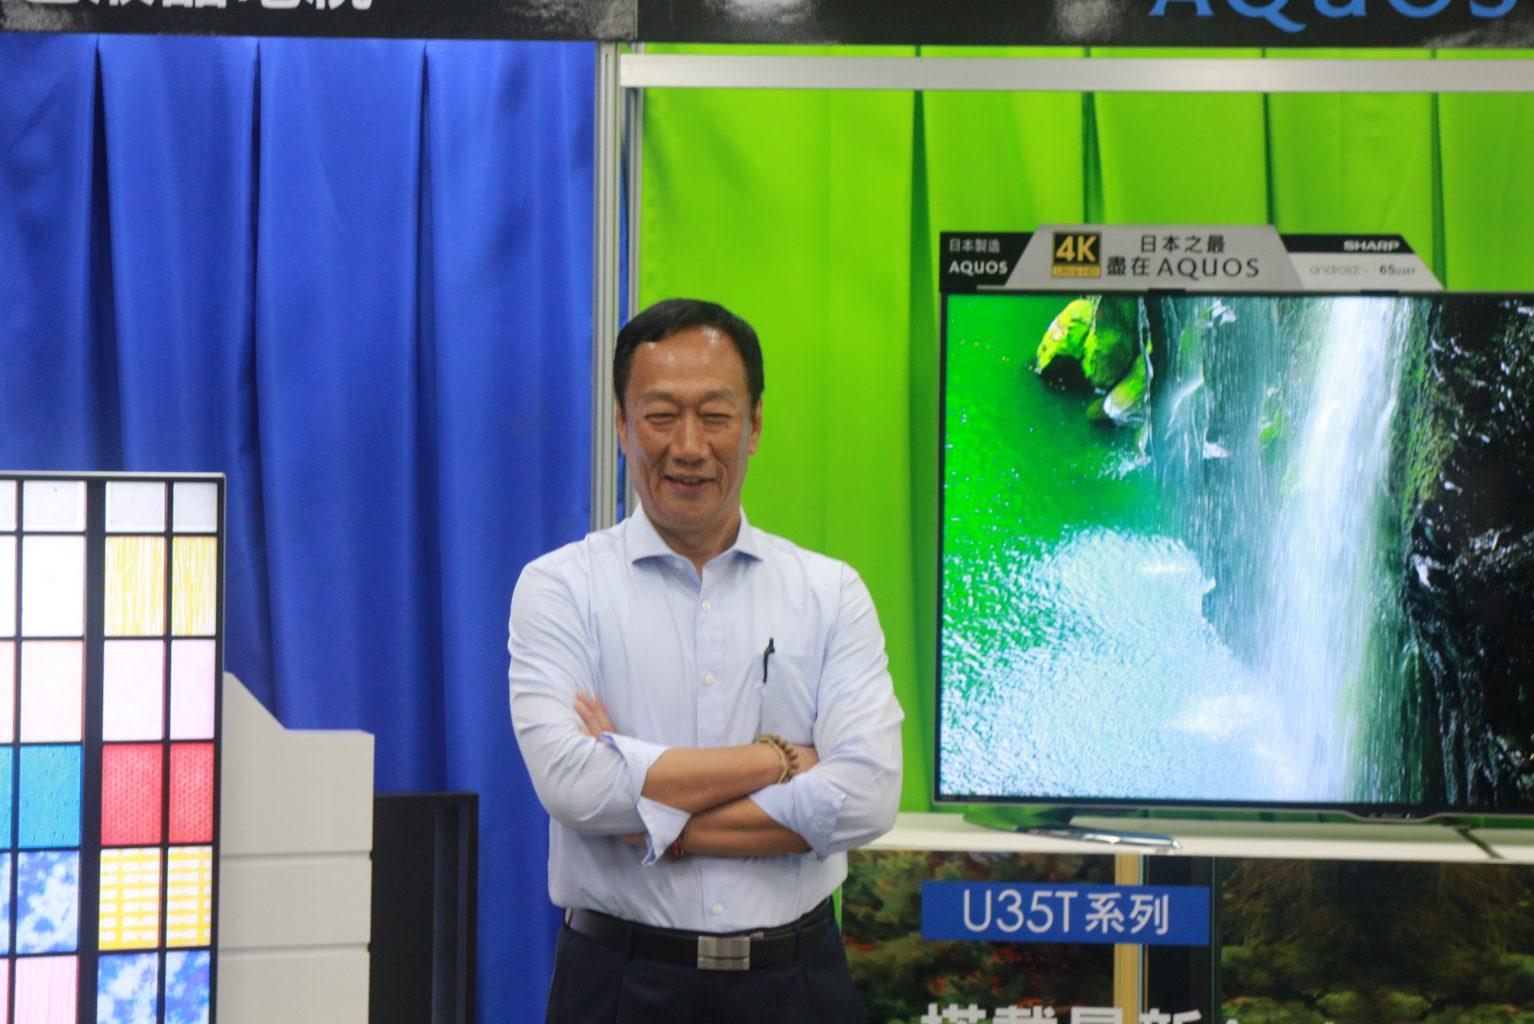 衝刺夏普品牌復興,鴻海集團將任命首位行銷長